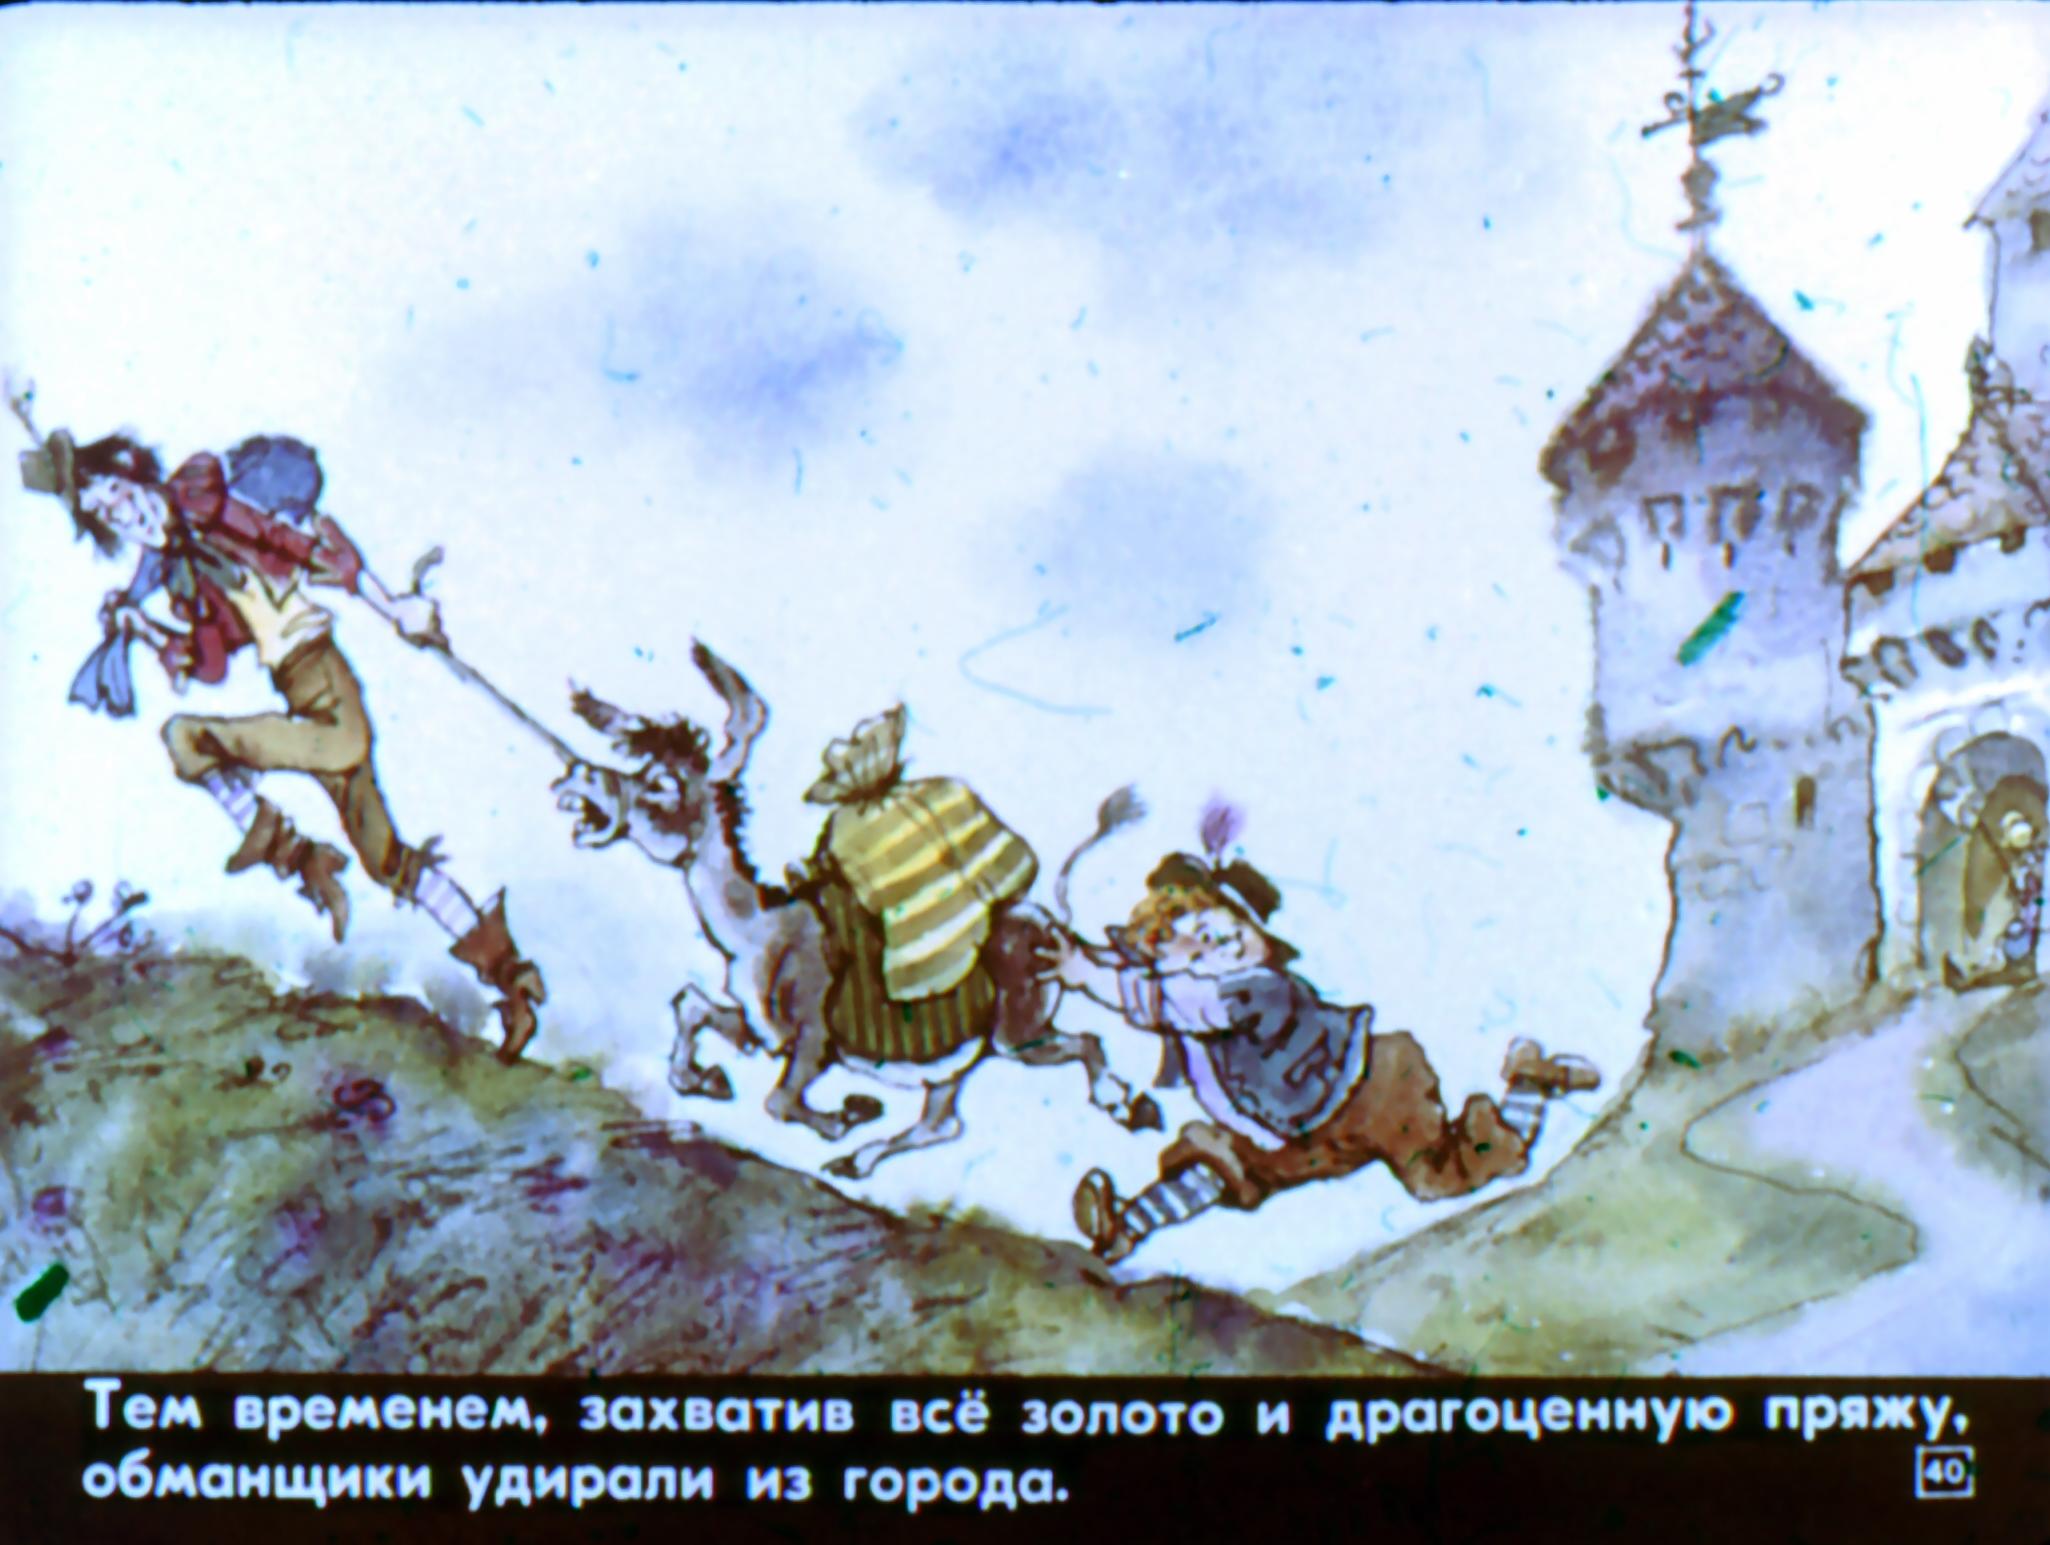 skazka-andersena-goliy-korol